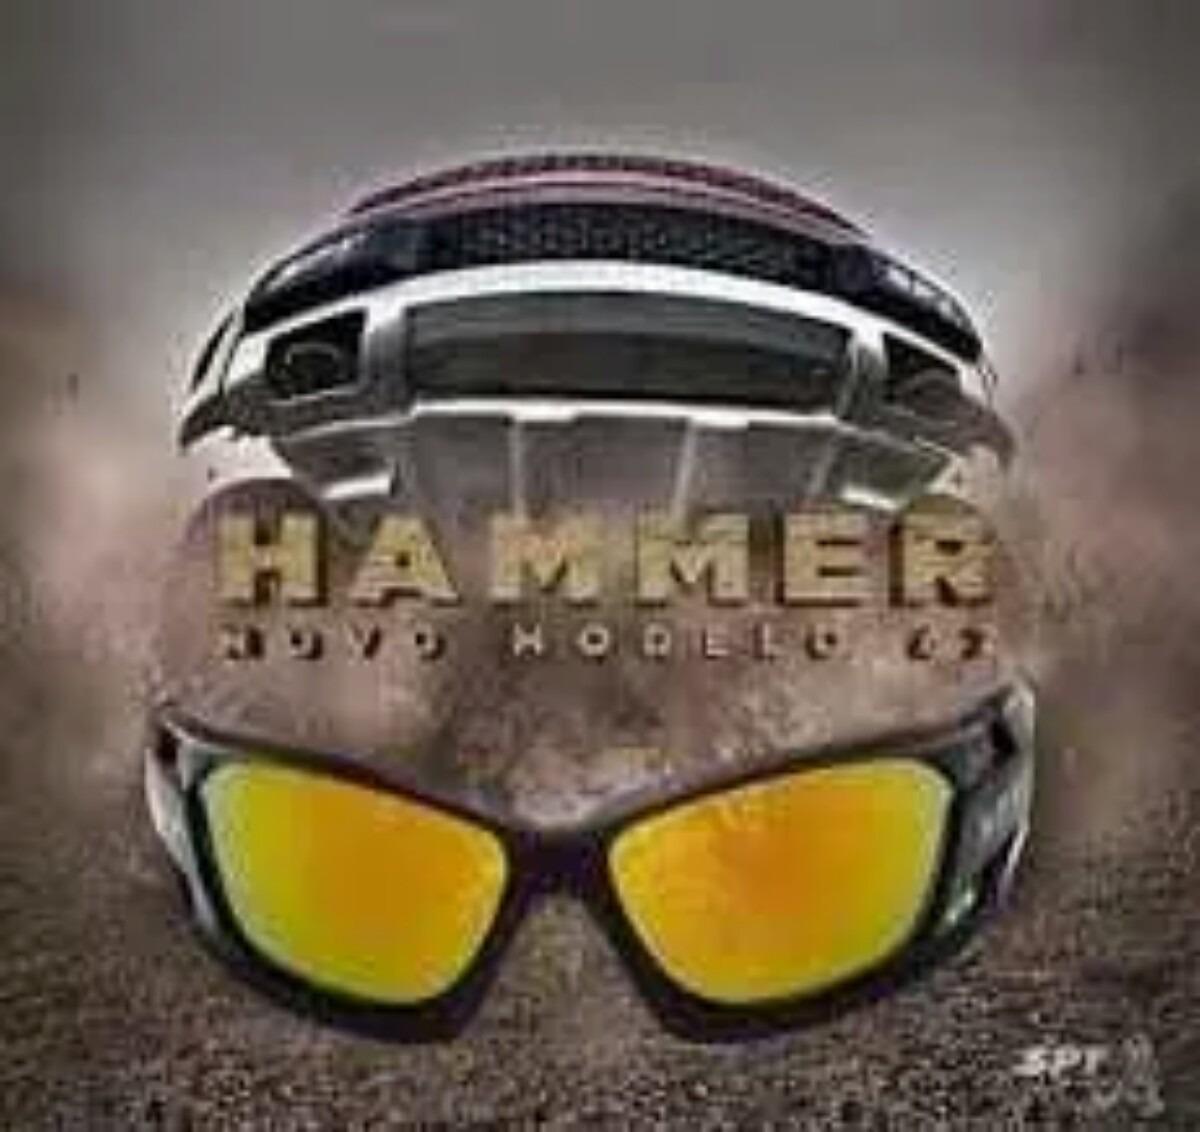 a713b2a326d1c óculos de sol spy original hammer 67 - lente azul - novo! Carregando zoom.